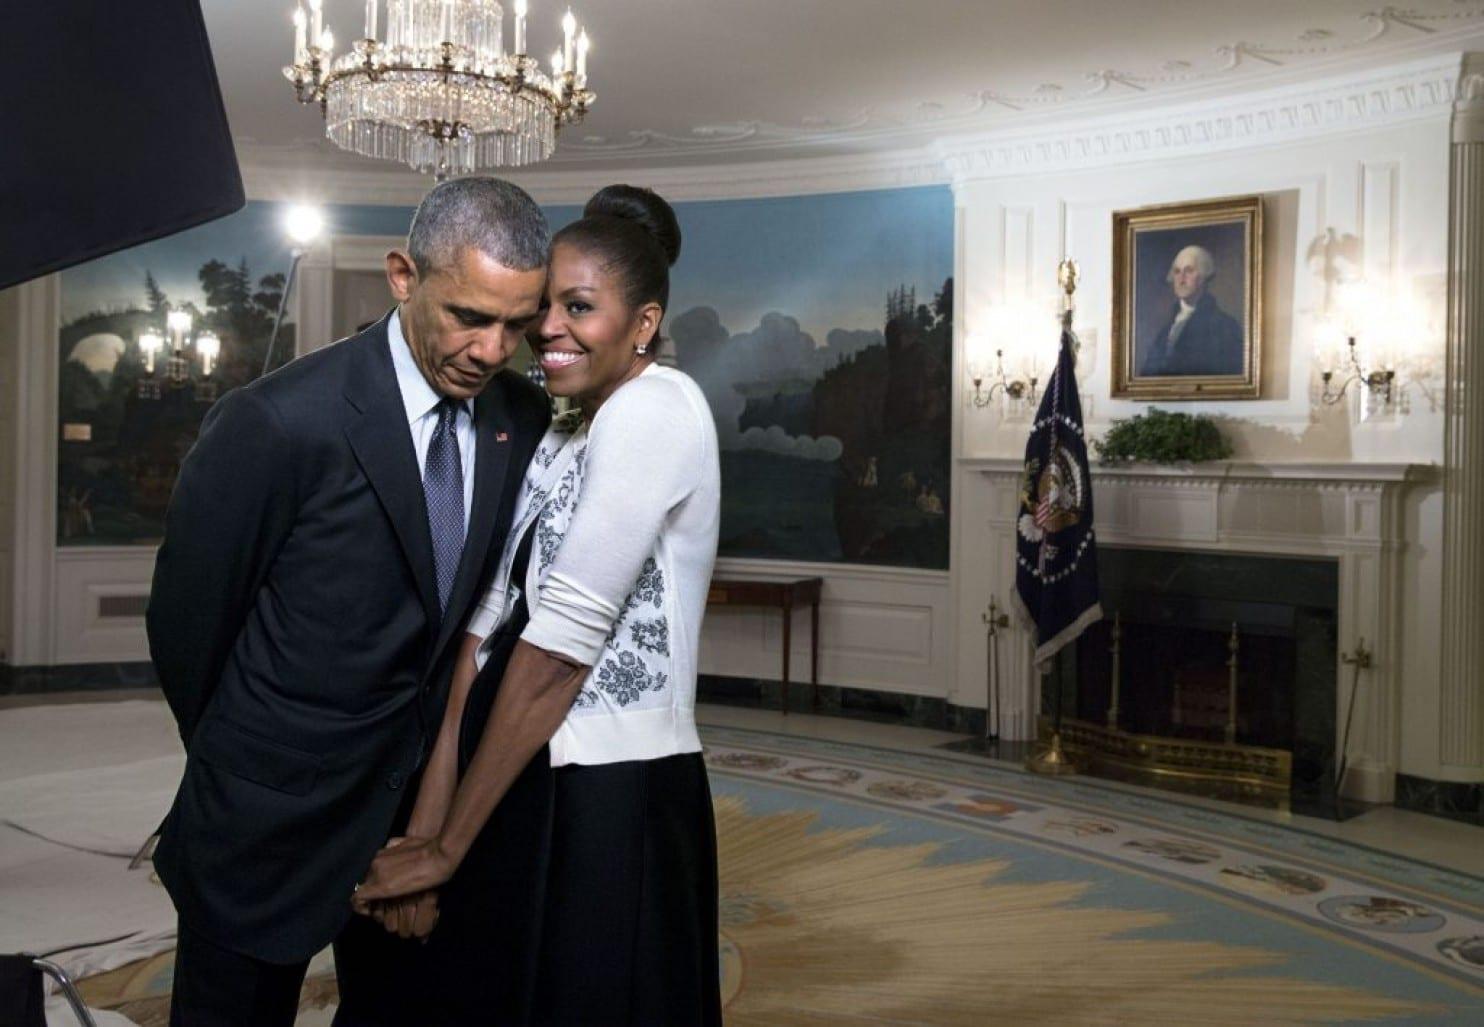 Фотографката на Мишел Обама разкри любими кадри